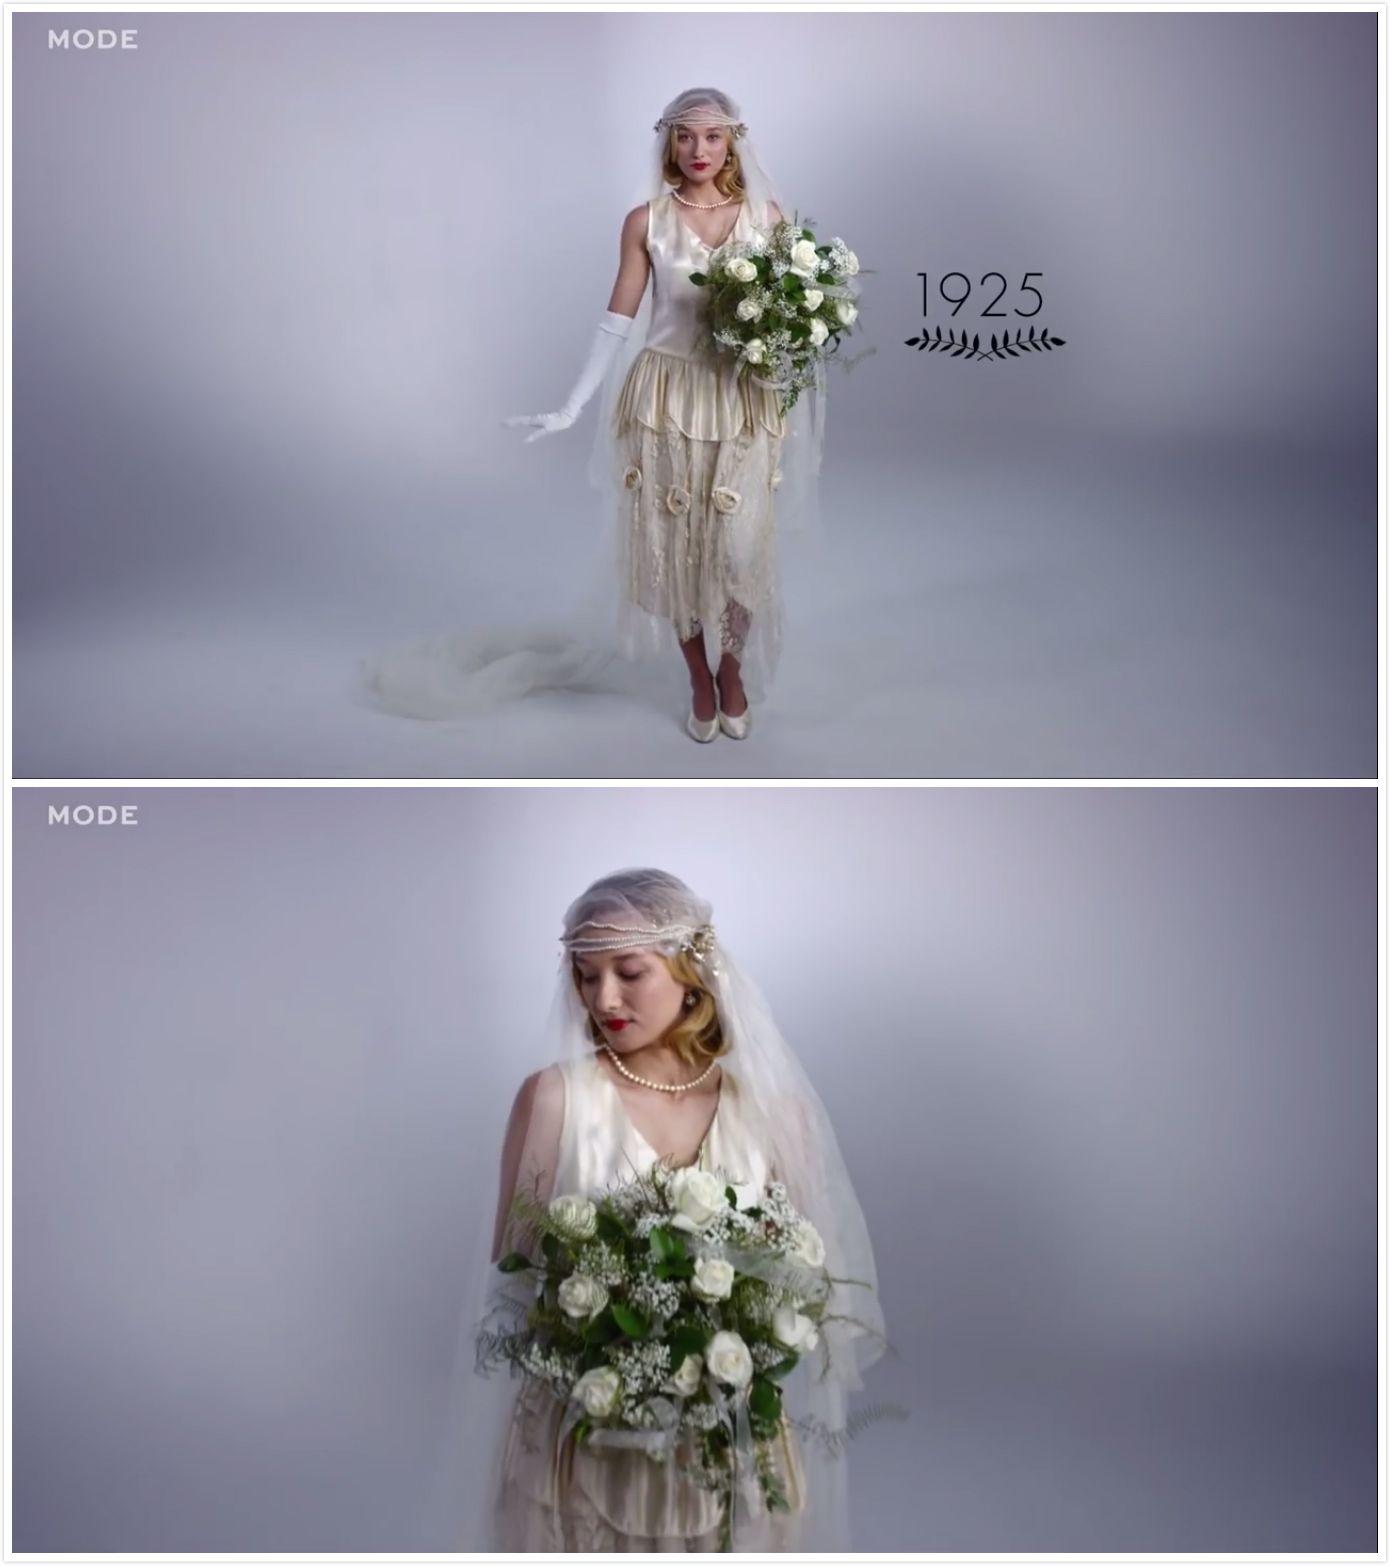 Eine dramatische Entwicklung der Brautkleider in 100 Jahren